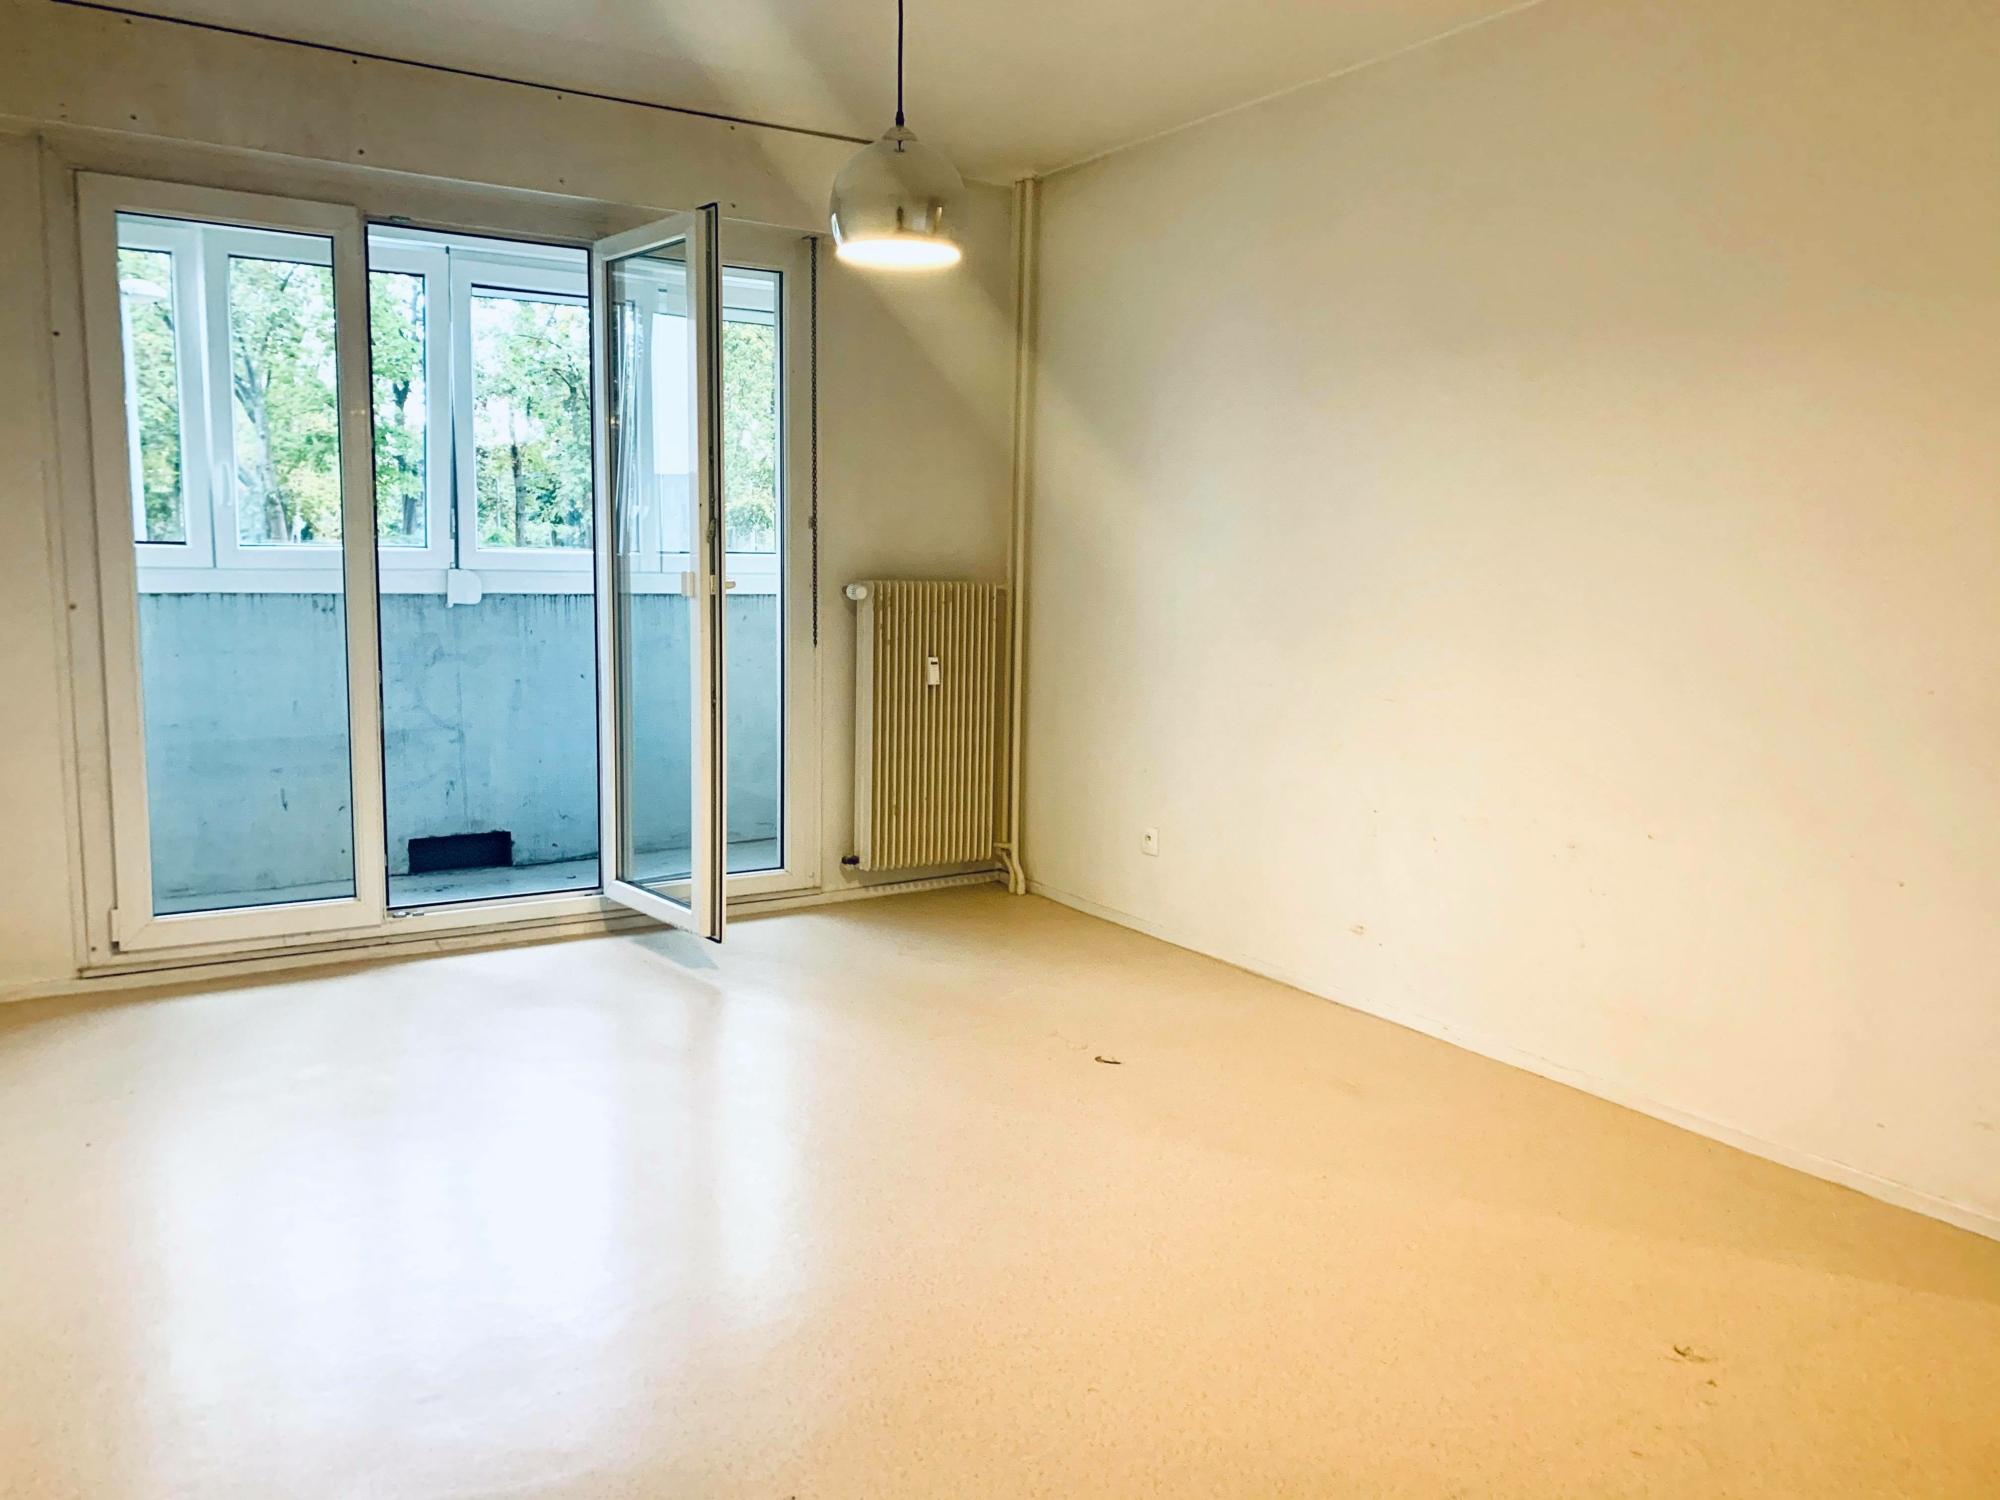 [Eléonore] Un appartement 3 pièces plein de potentiel ! - nos ventes - Beausite Immobilier 1